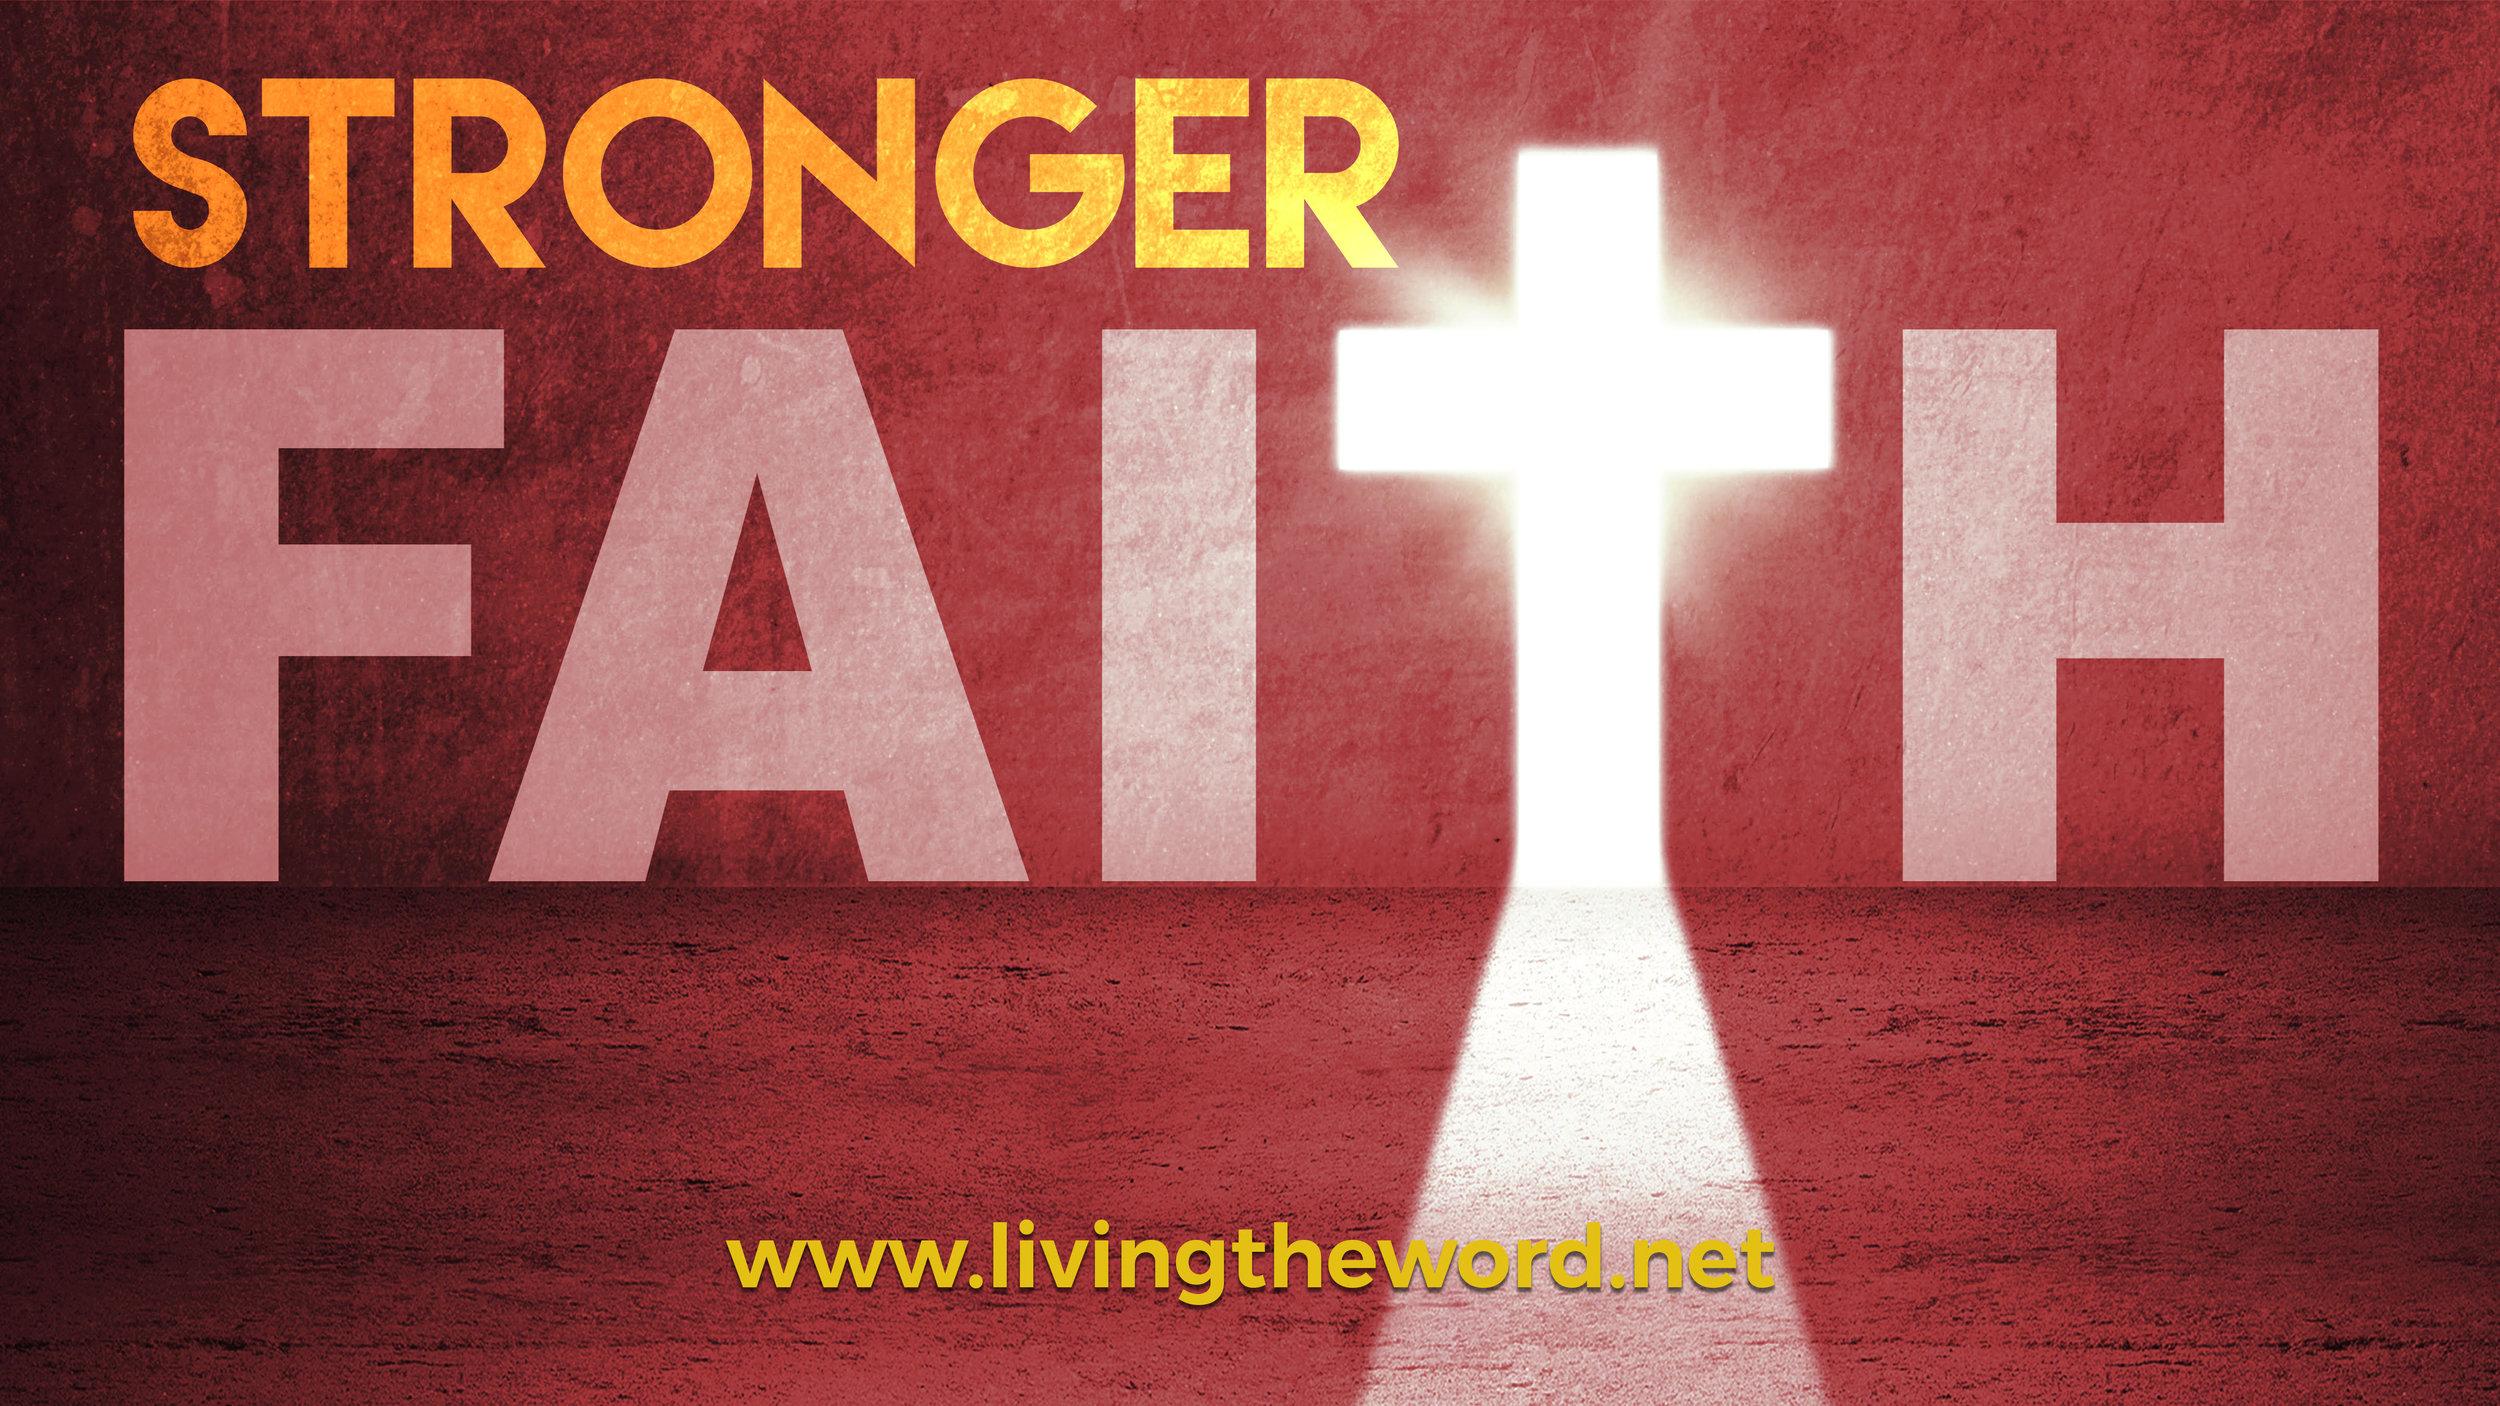 strongerfaith.jpg